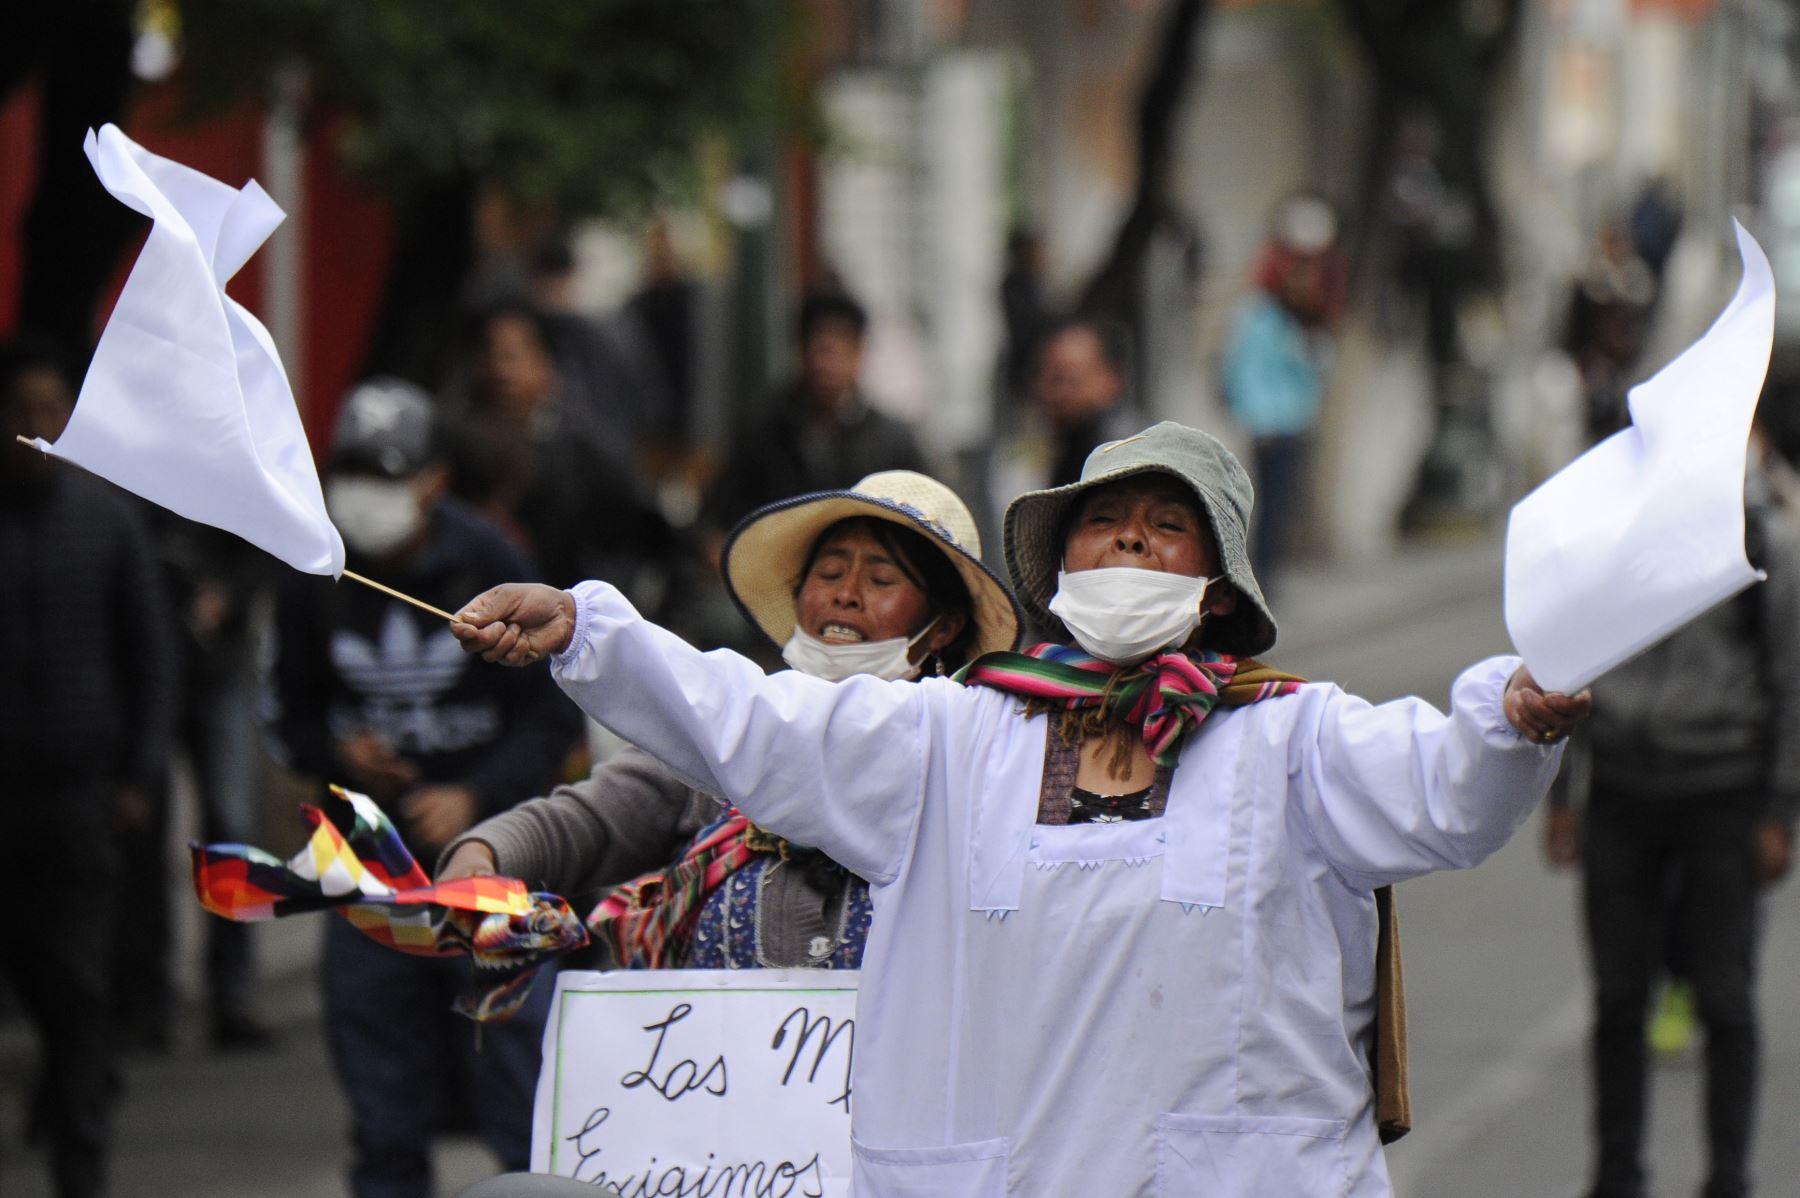 Los partidarios del ex presidente boliviano Evo Morales ondean banderas blancas durante los enfrentamientos con la policía antidisturbios luego de una protesta en La Paz Foto: AFP